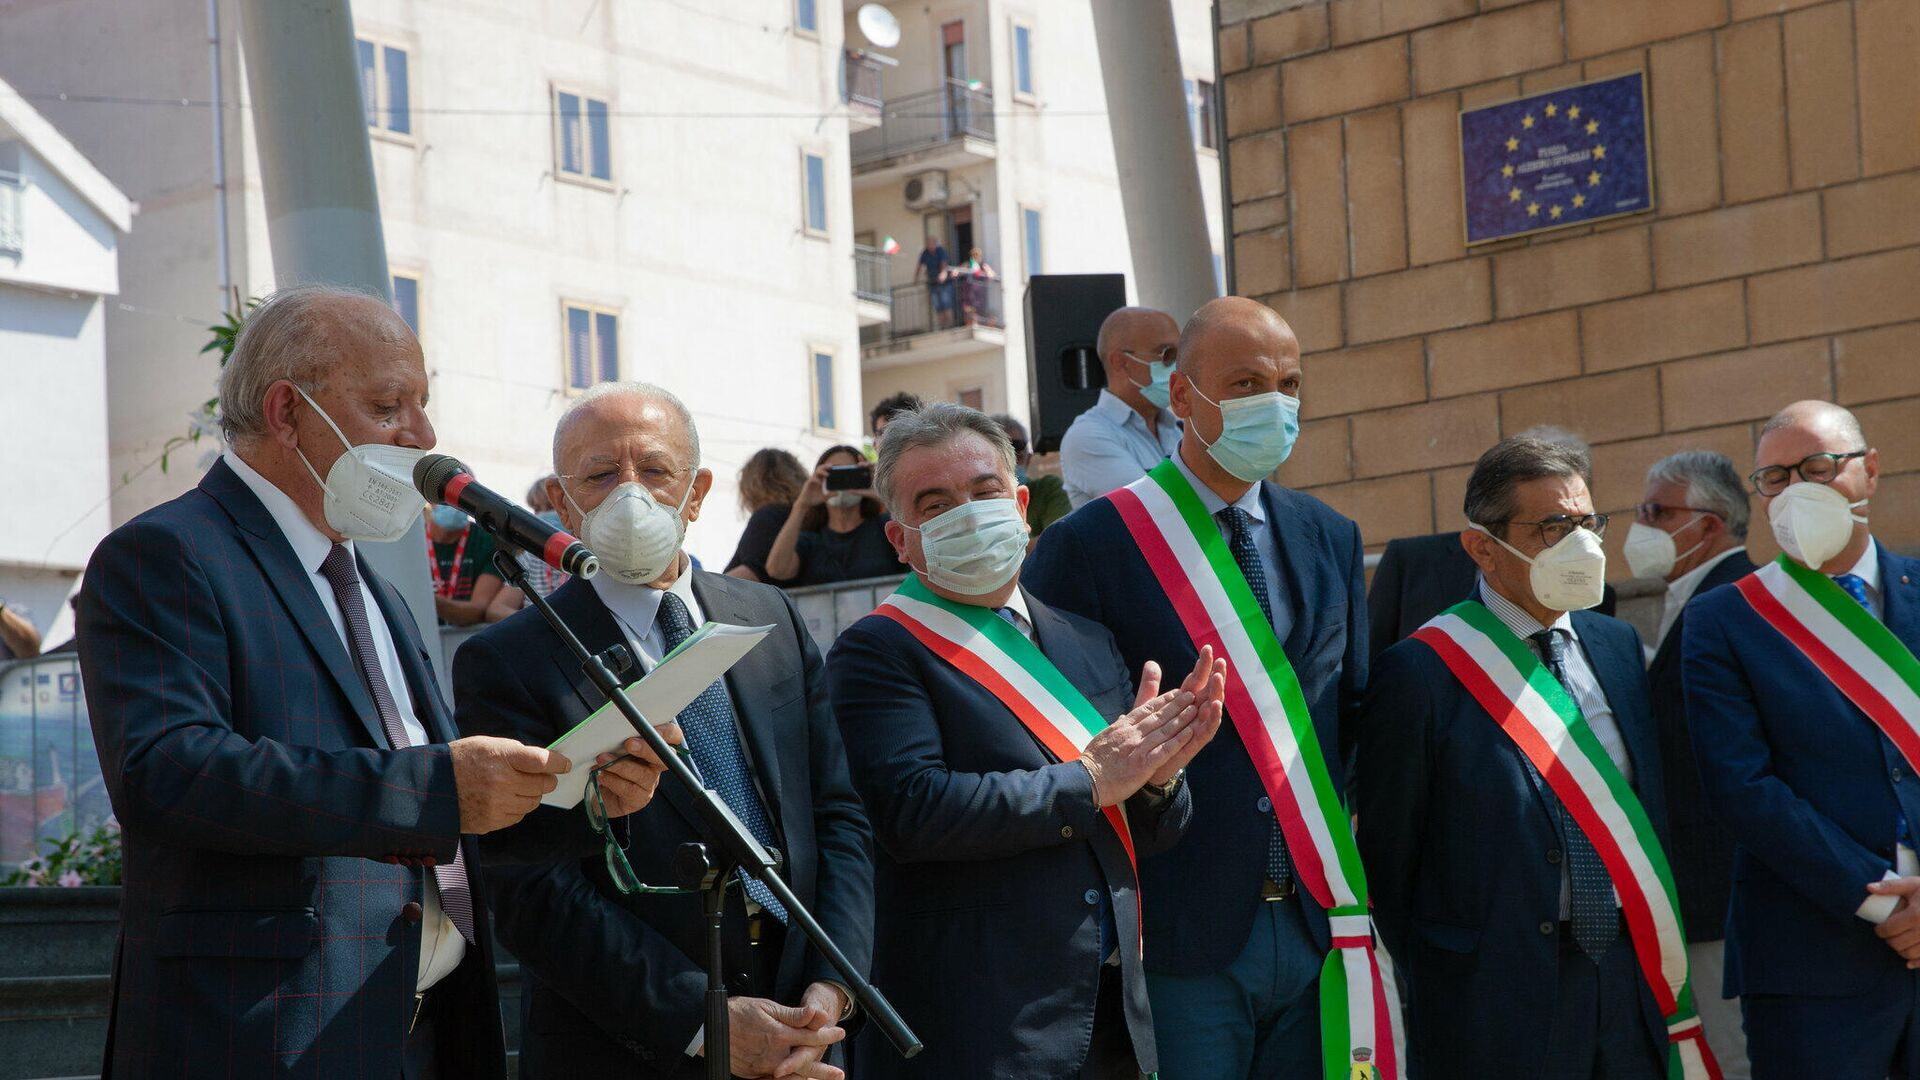 Governatore campano Vincenzo De Luca, in visita al Giffoni Festival per inaugurazione del Giffoni50Plus - Sputnik Italia, 1920, 21.07.2021